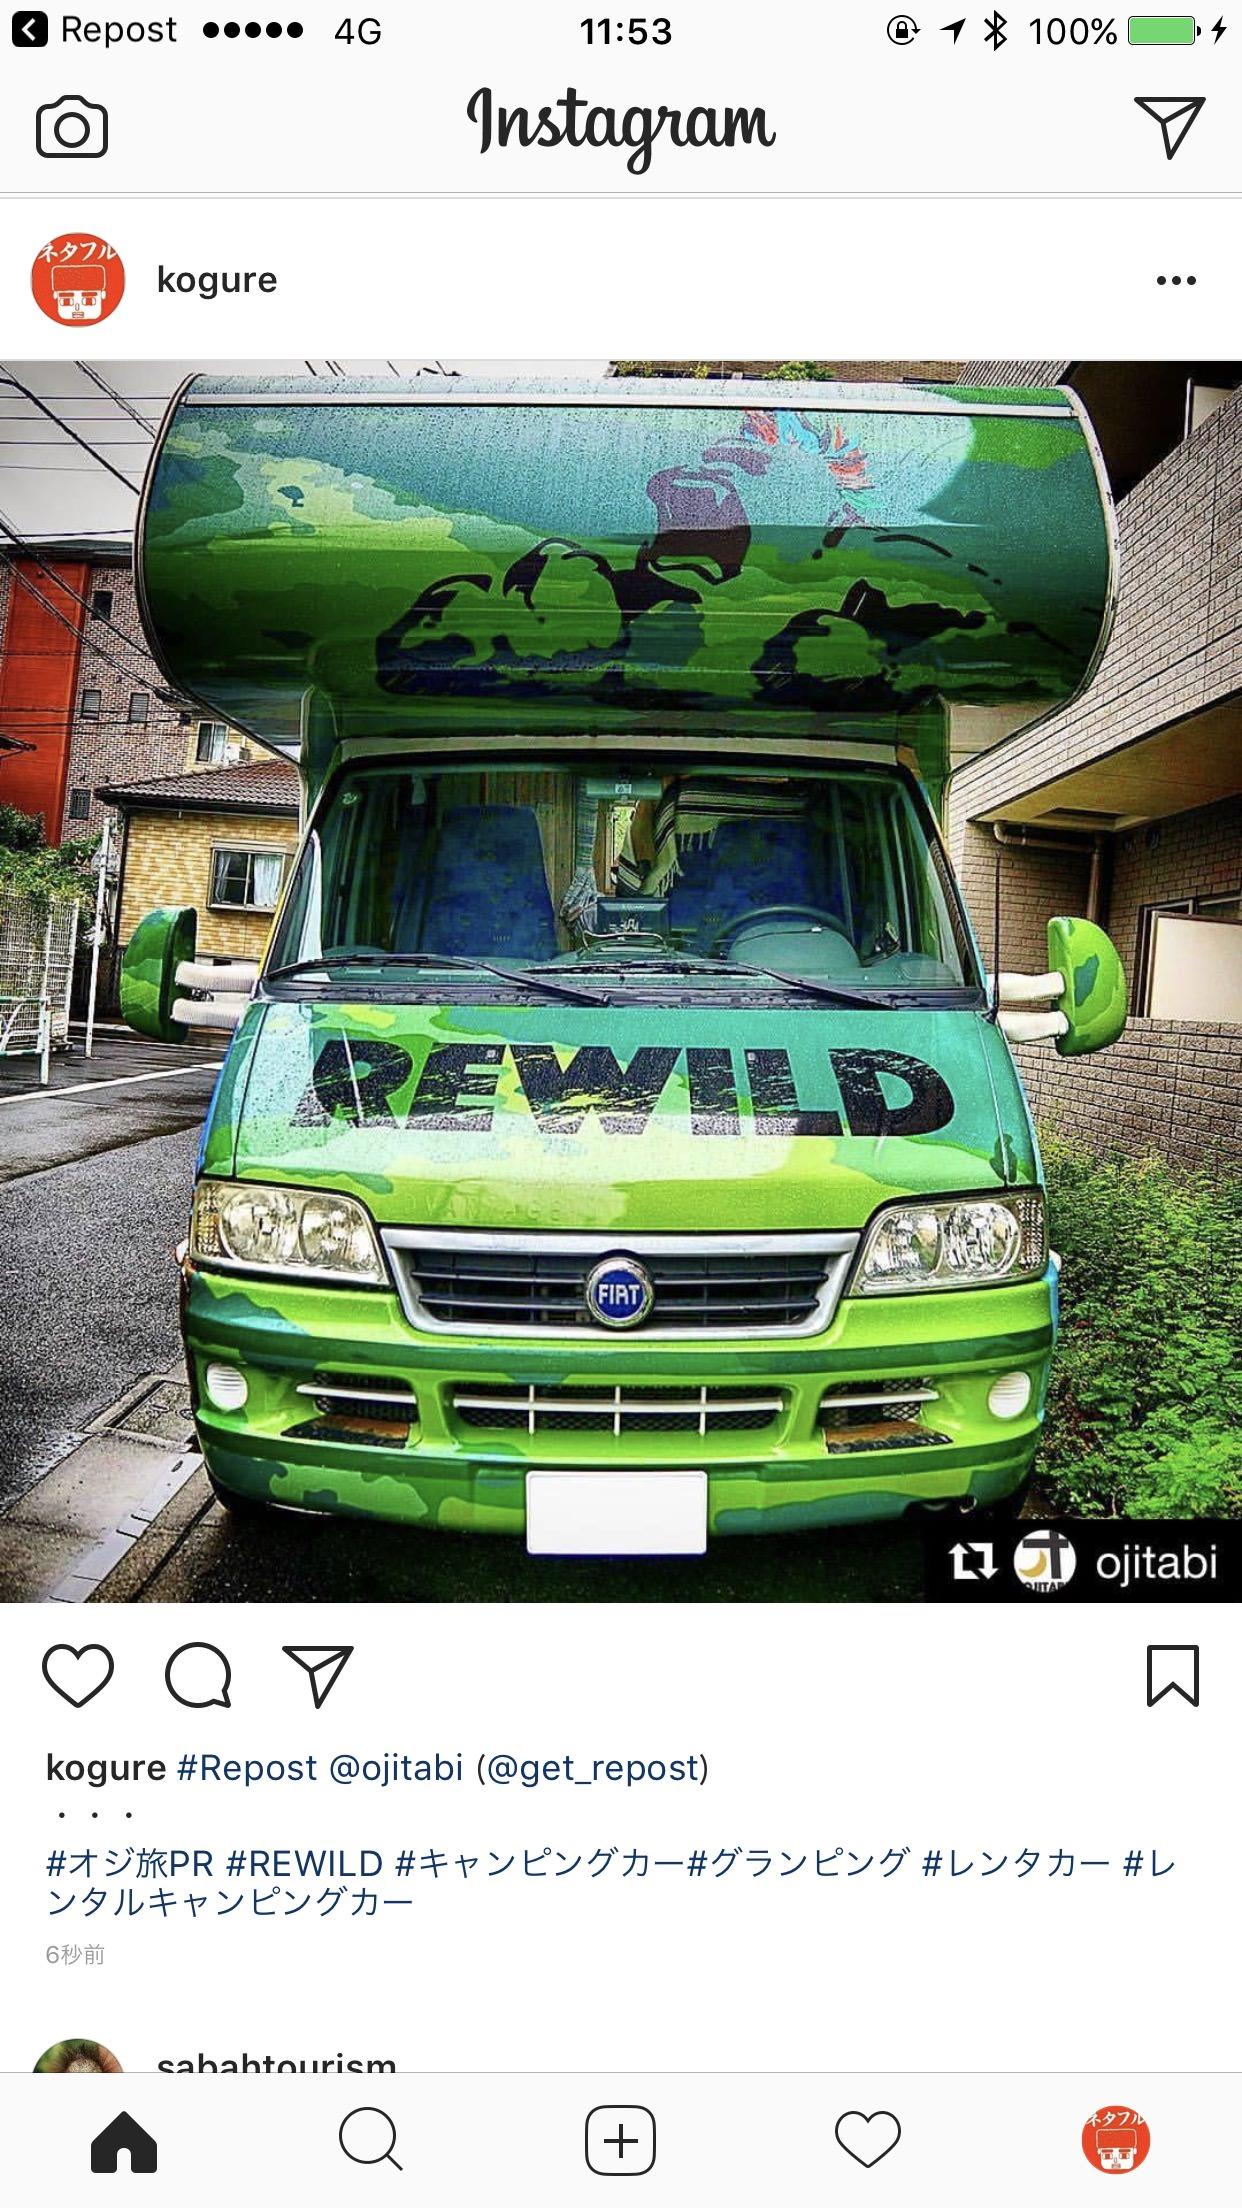 Instagram repost 7075